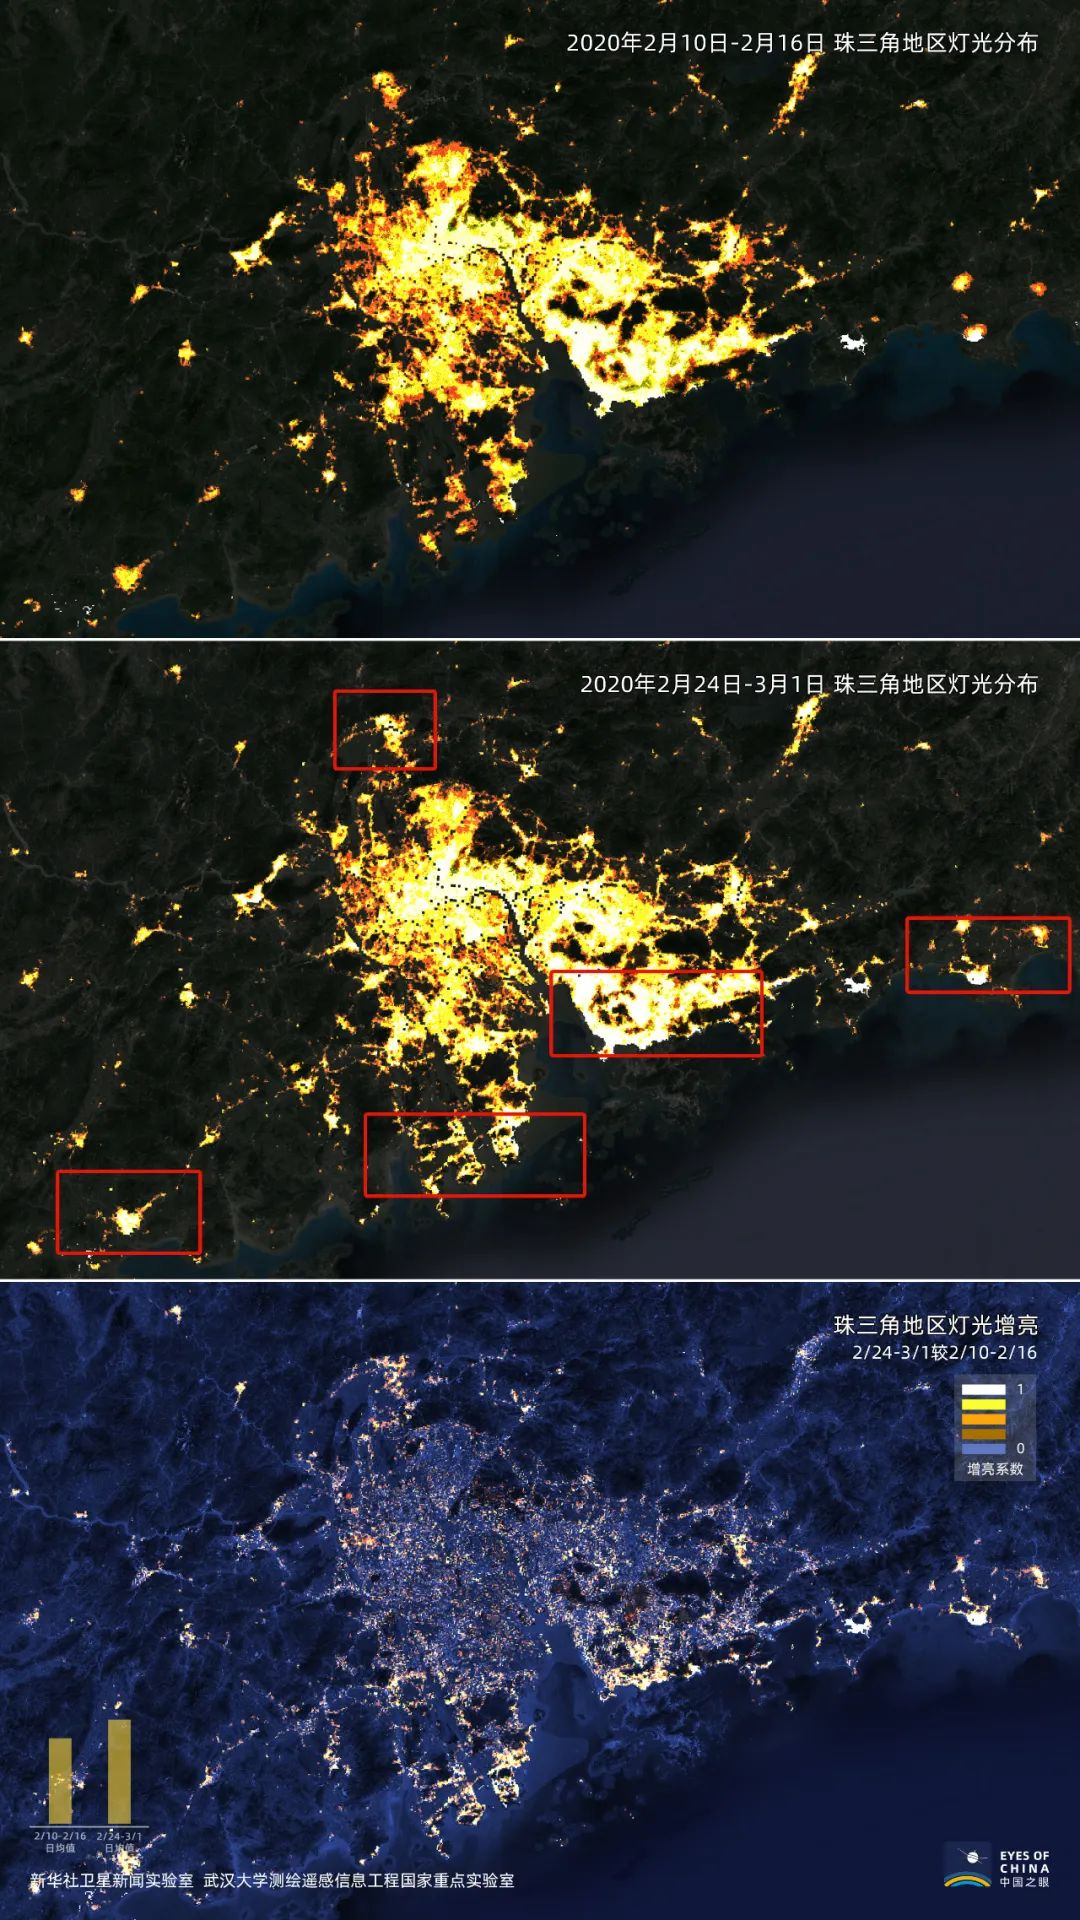 卫星发现一个信号:中国正在亮起来图片